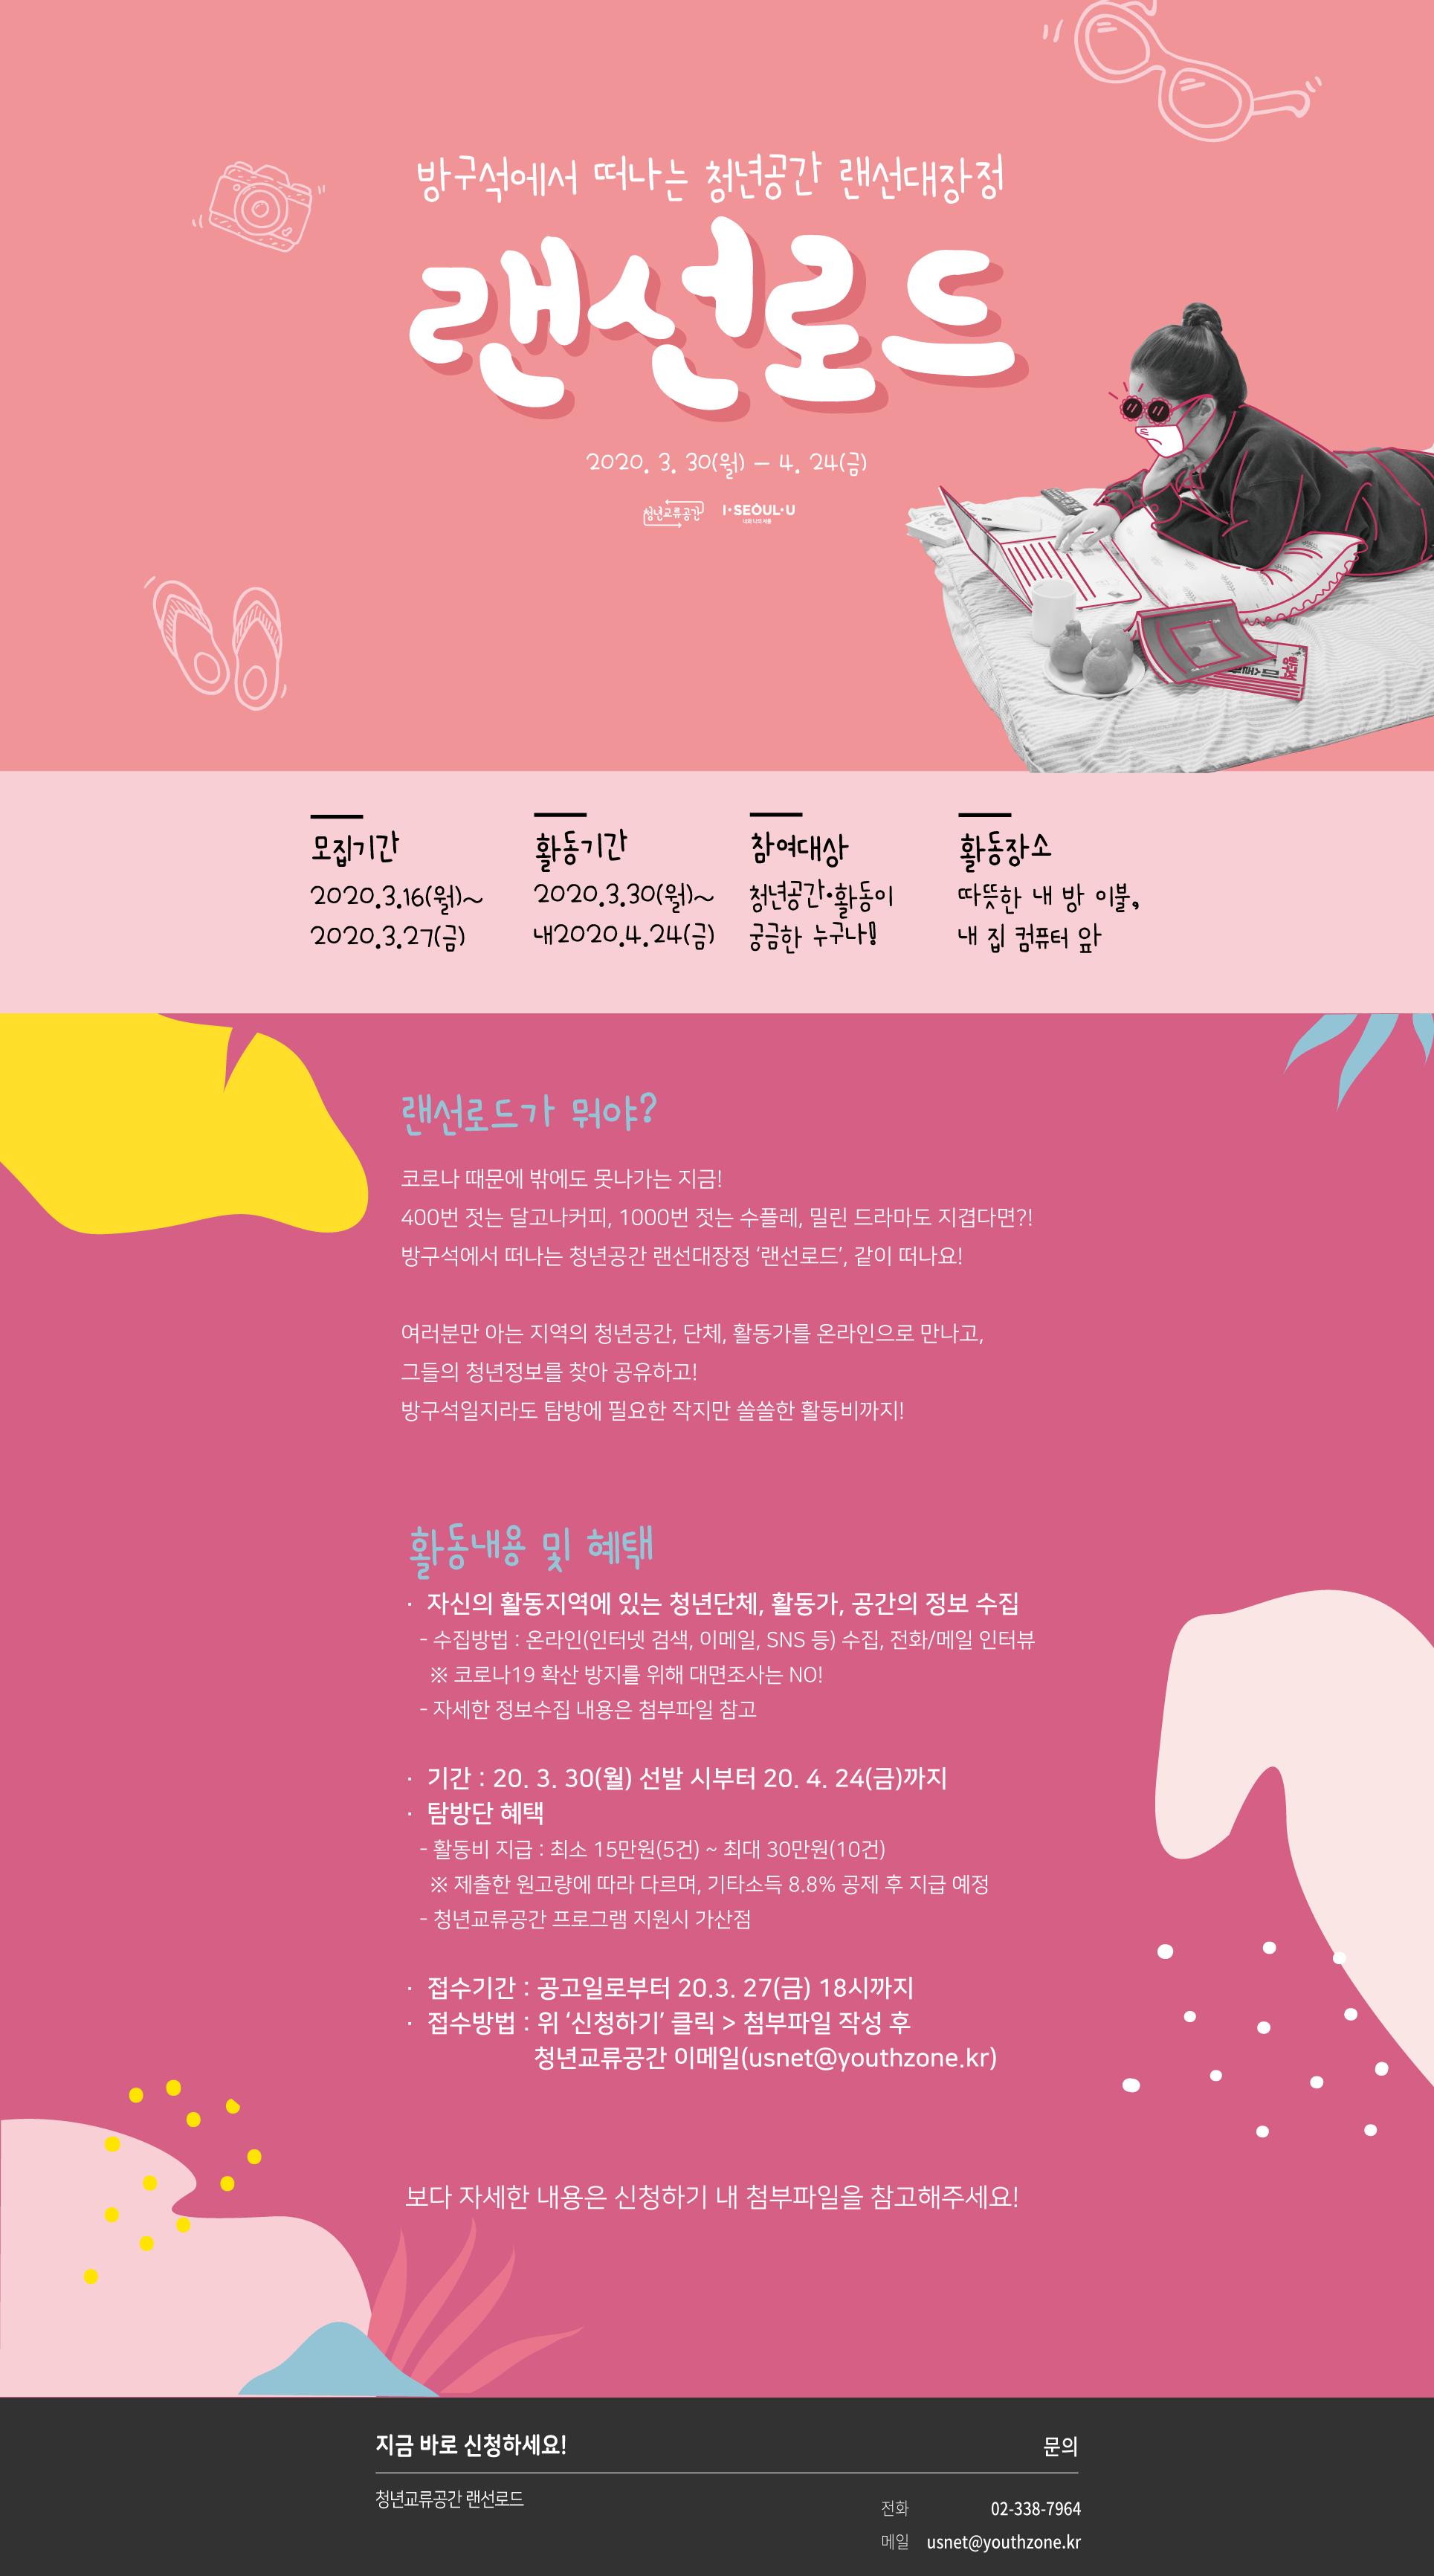 """""""랜선로드"""" 방구석 청년공간 대장정!!"""